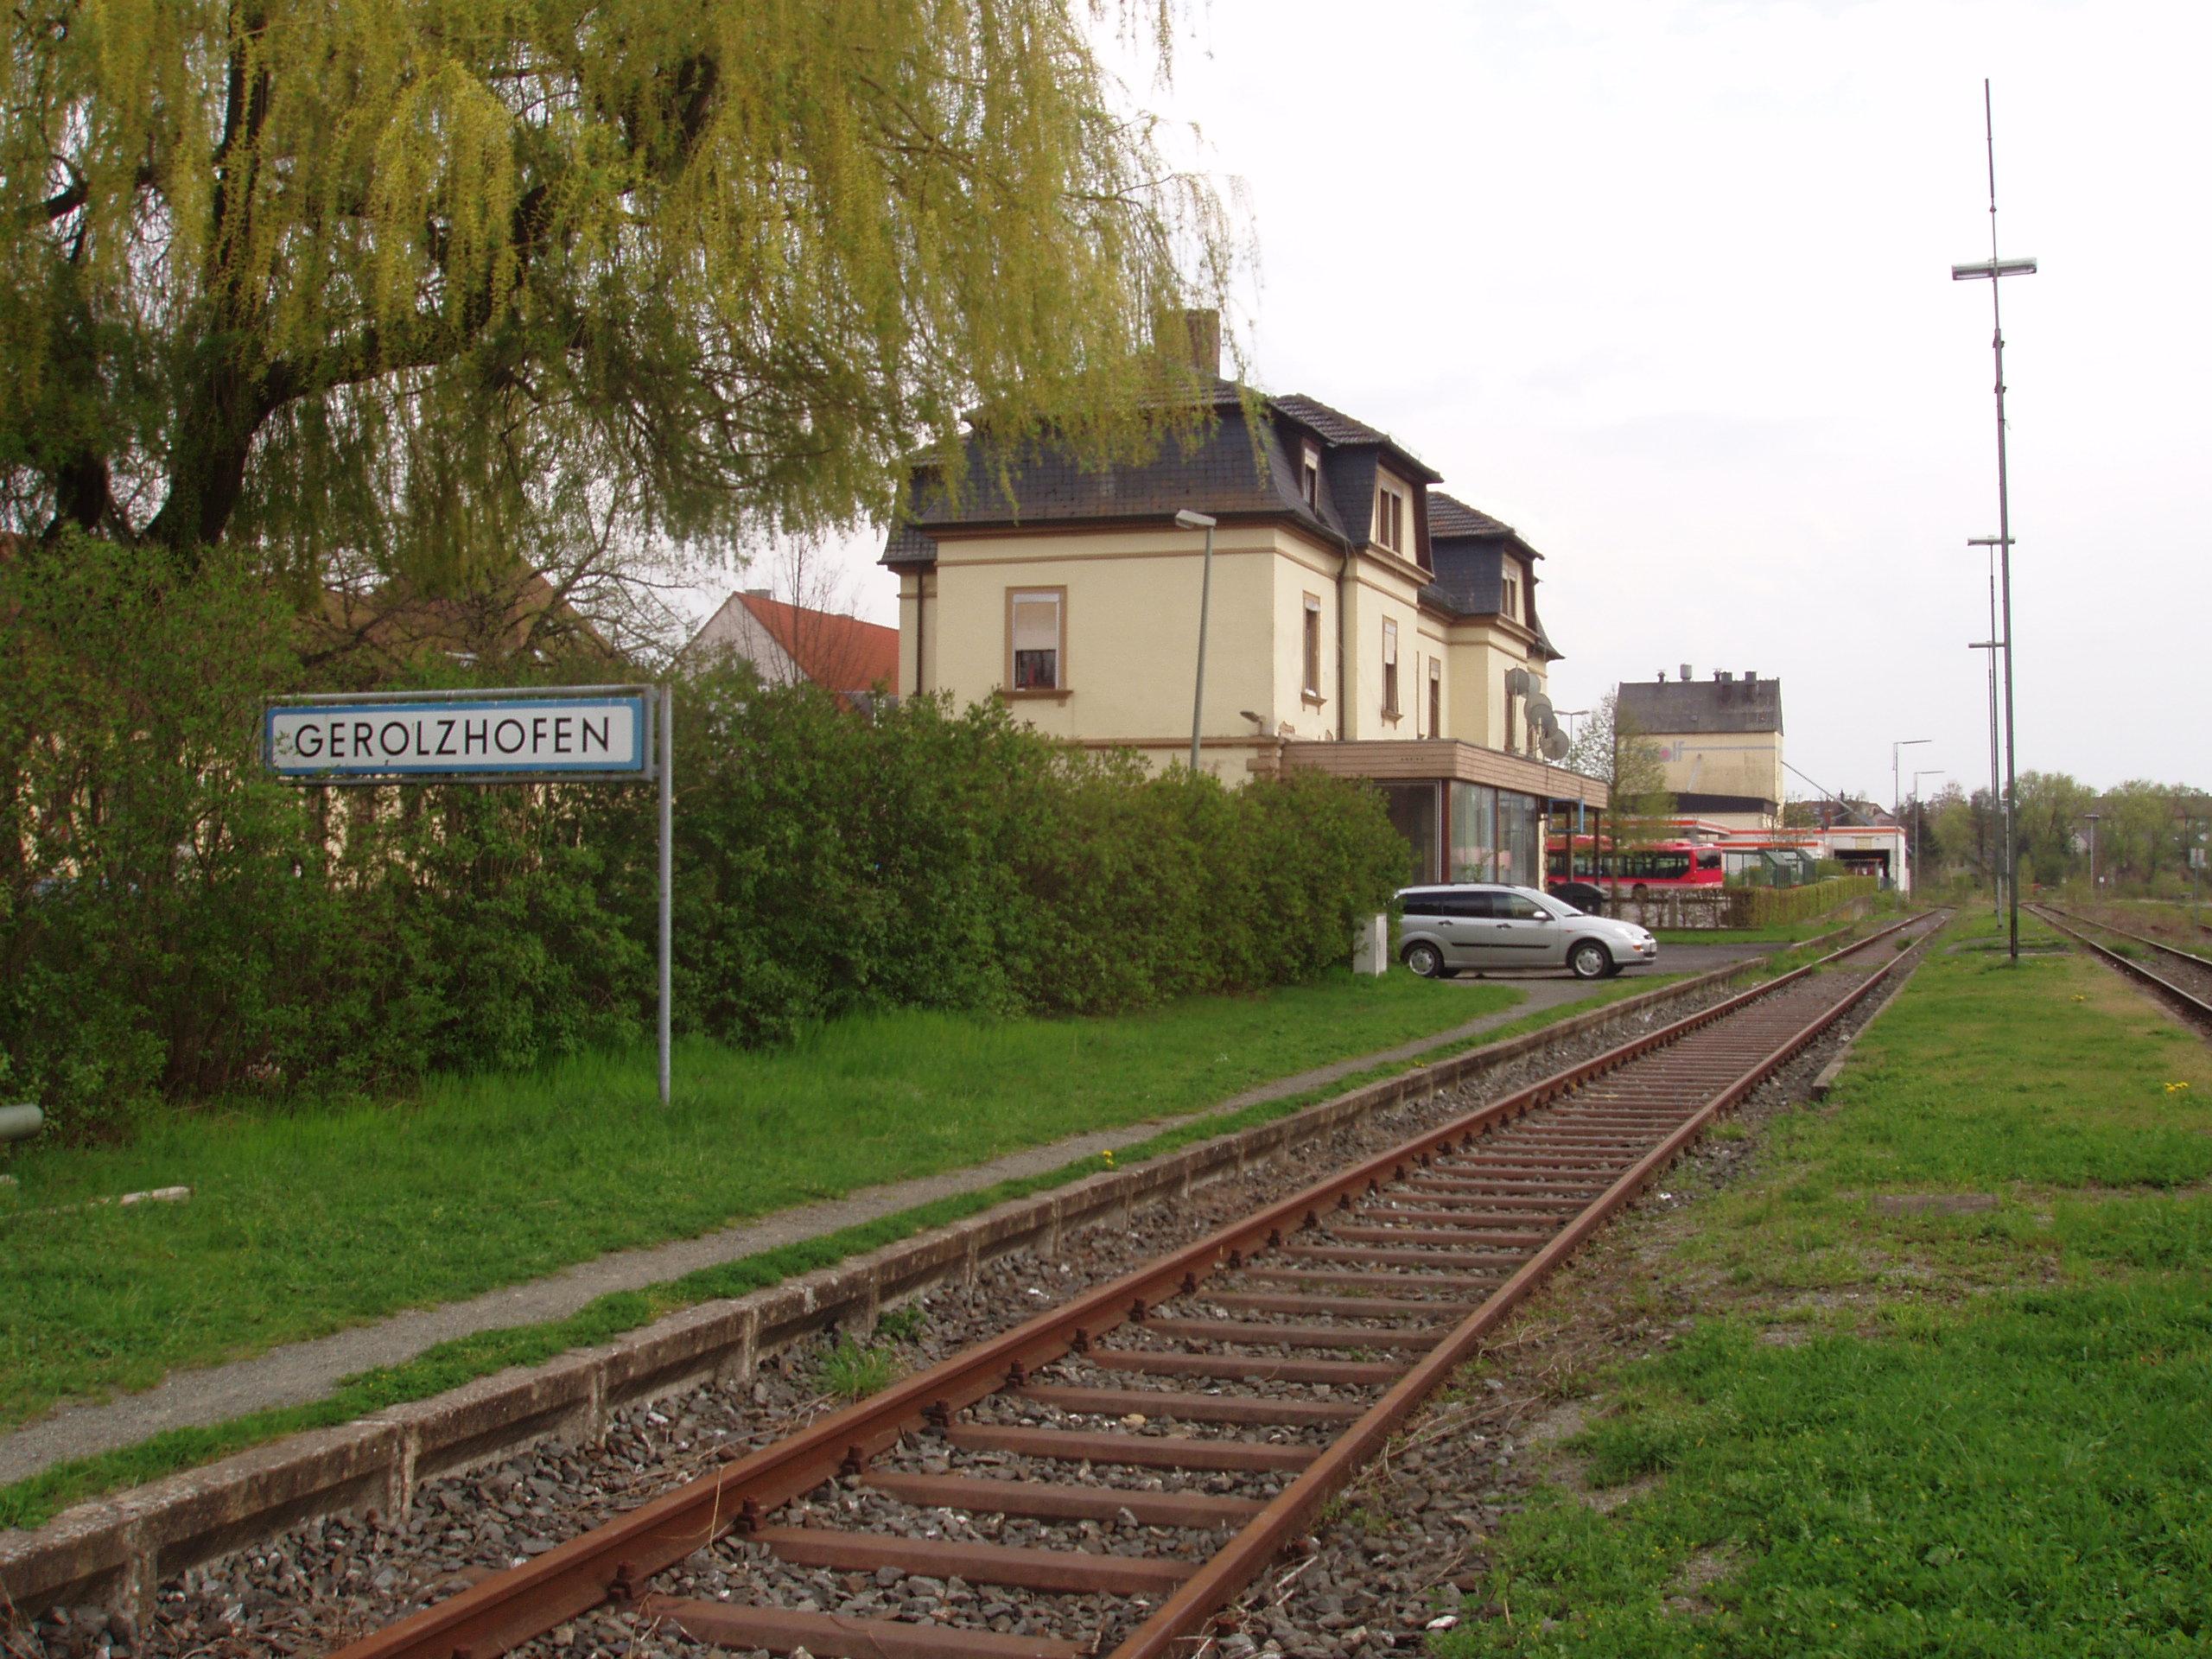 Single gerolzhofen